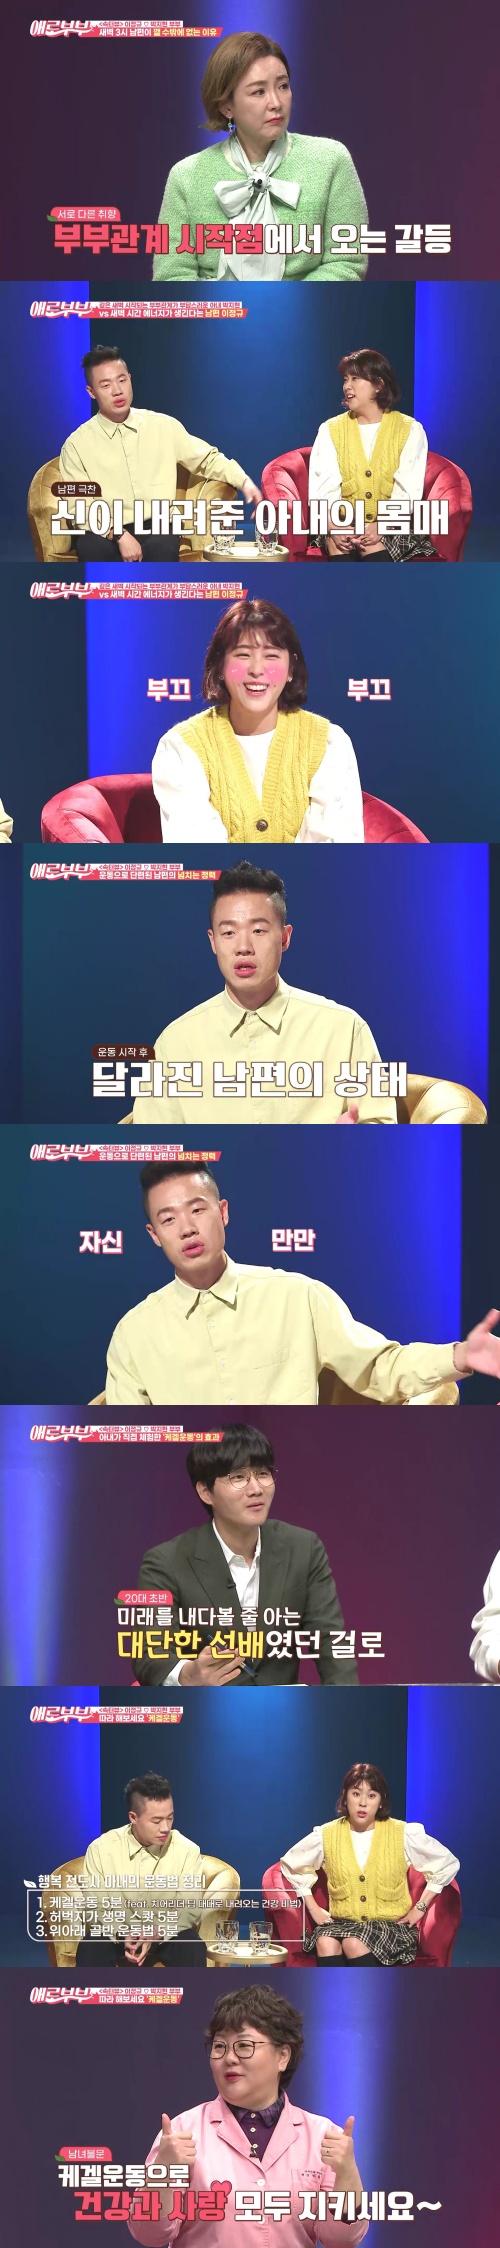 '애로부부' 이정규, 아내 박지현 새벽 3시마다 깨워 '강요'